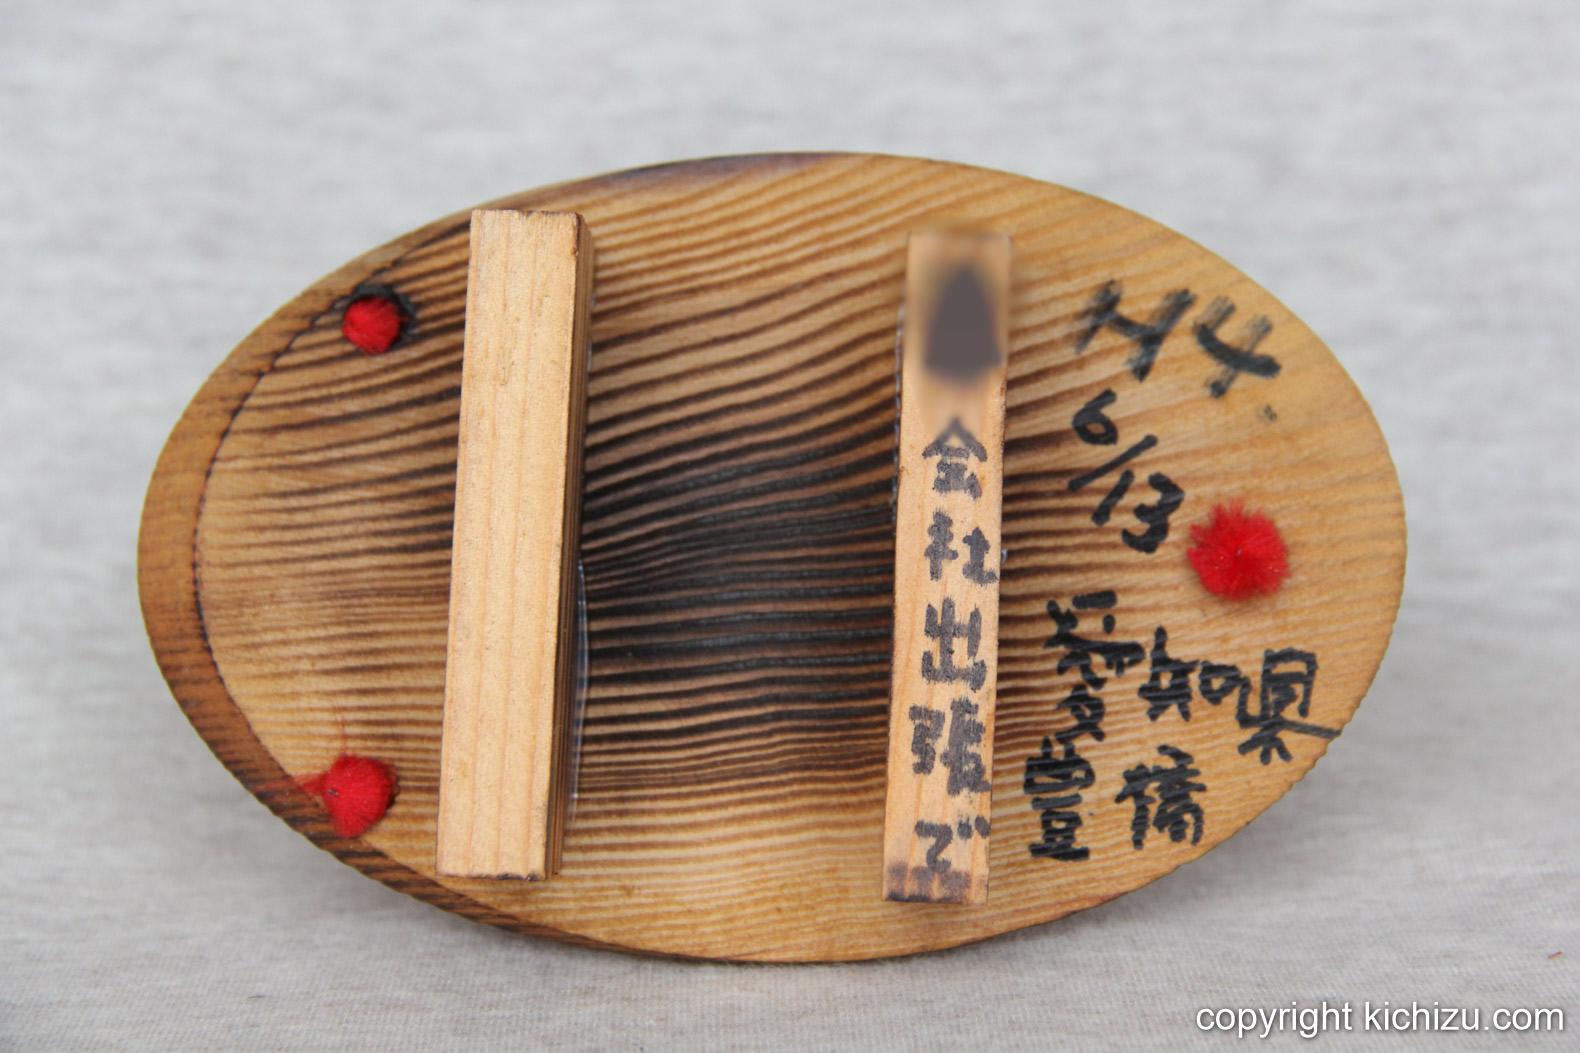 豊川稲荷の木製のお人形の裏側